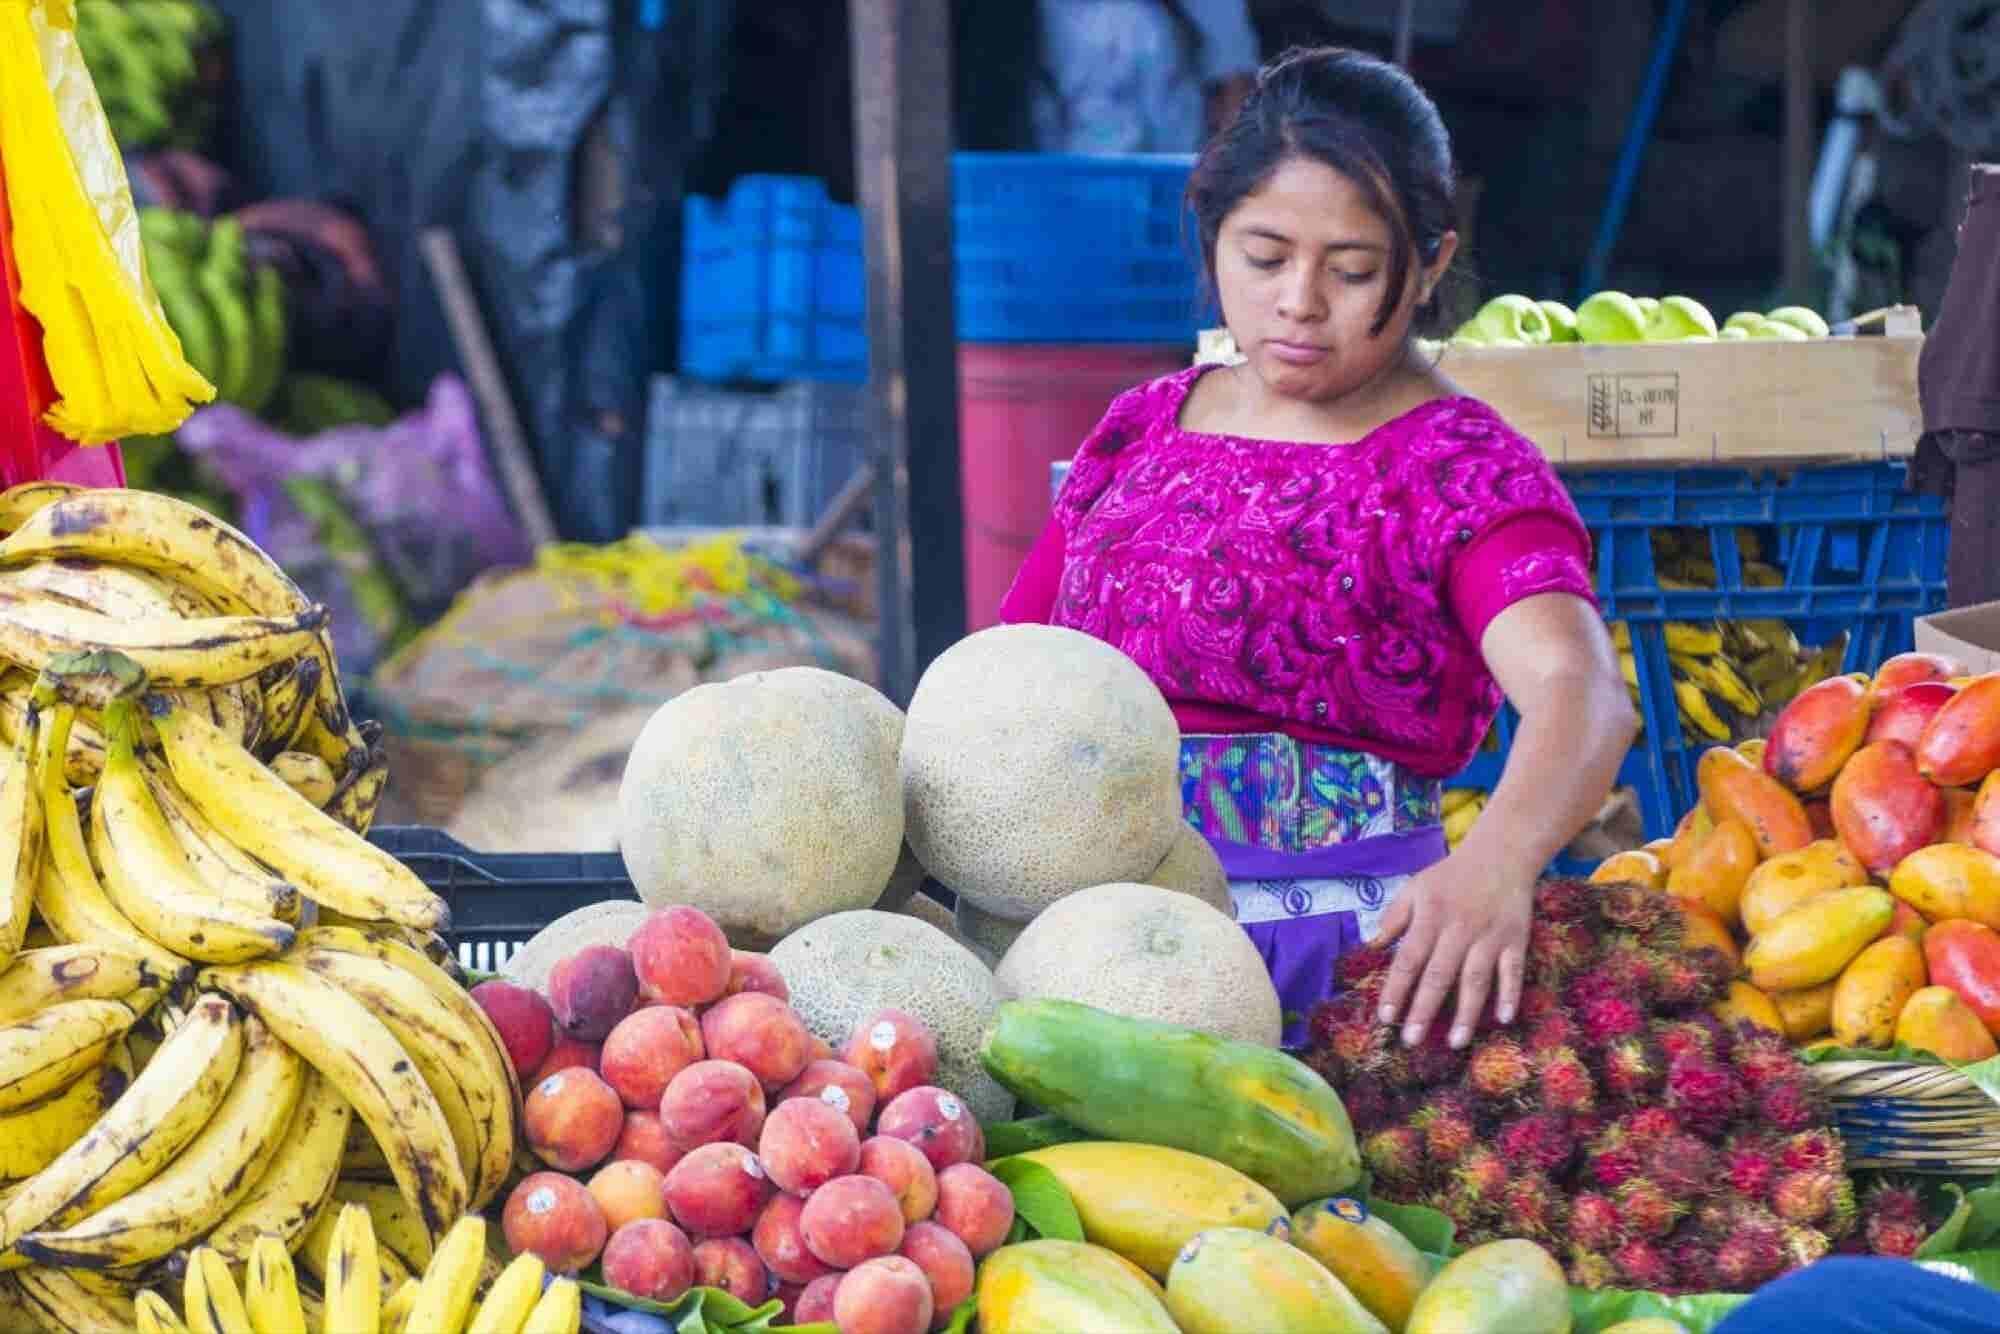 La industria gastronómica, un negocio con hambre de éxito